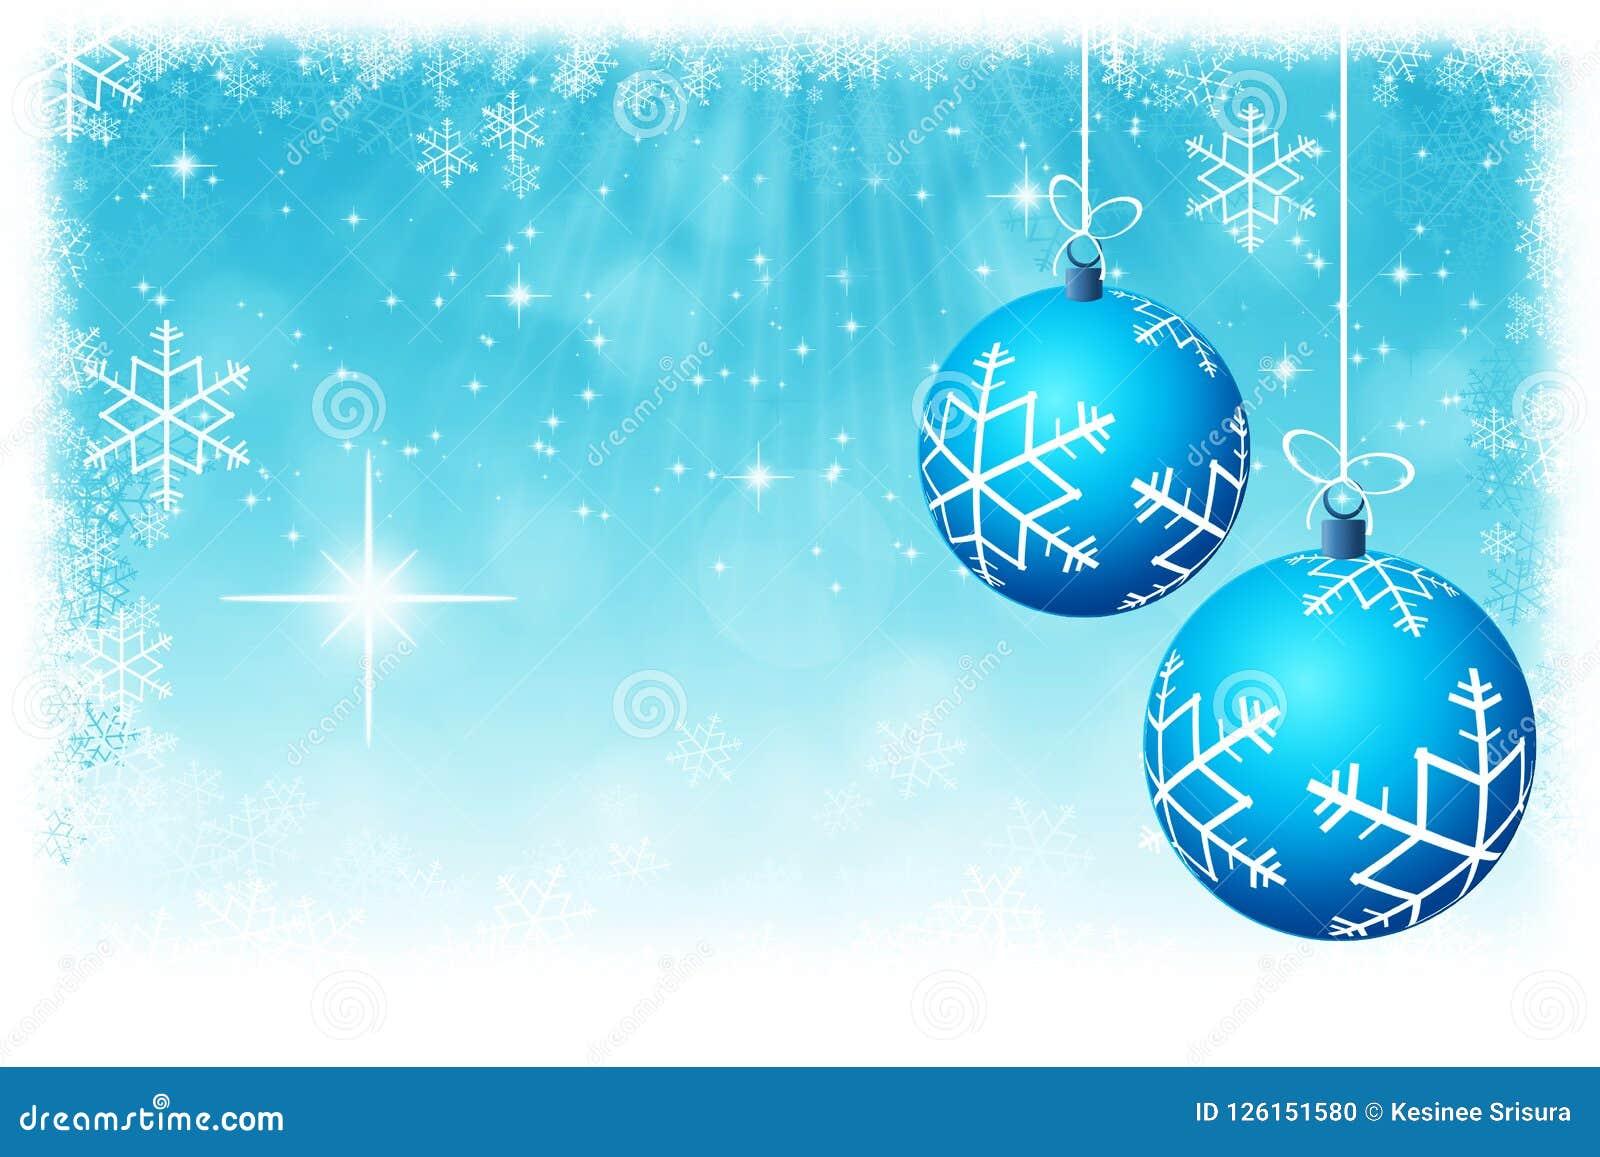 Abstrakcjonistyczne błękitne Bożenarodzeniowe piłki z gwiazd i płatków śniegu backgrou